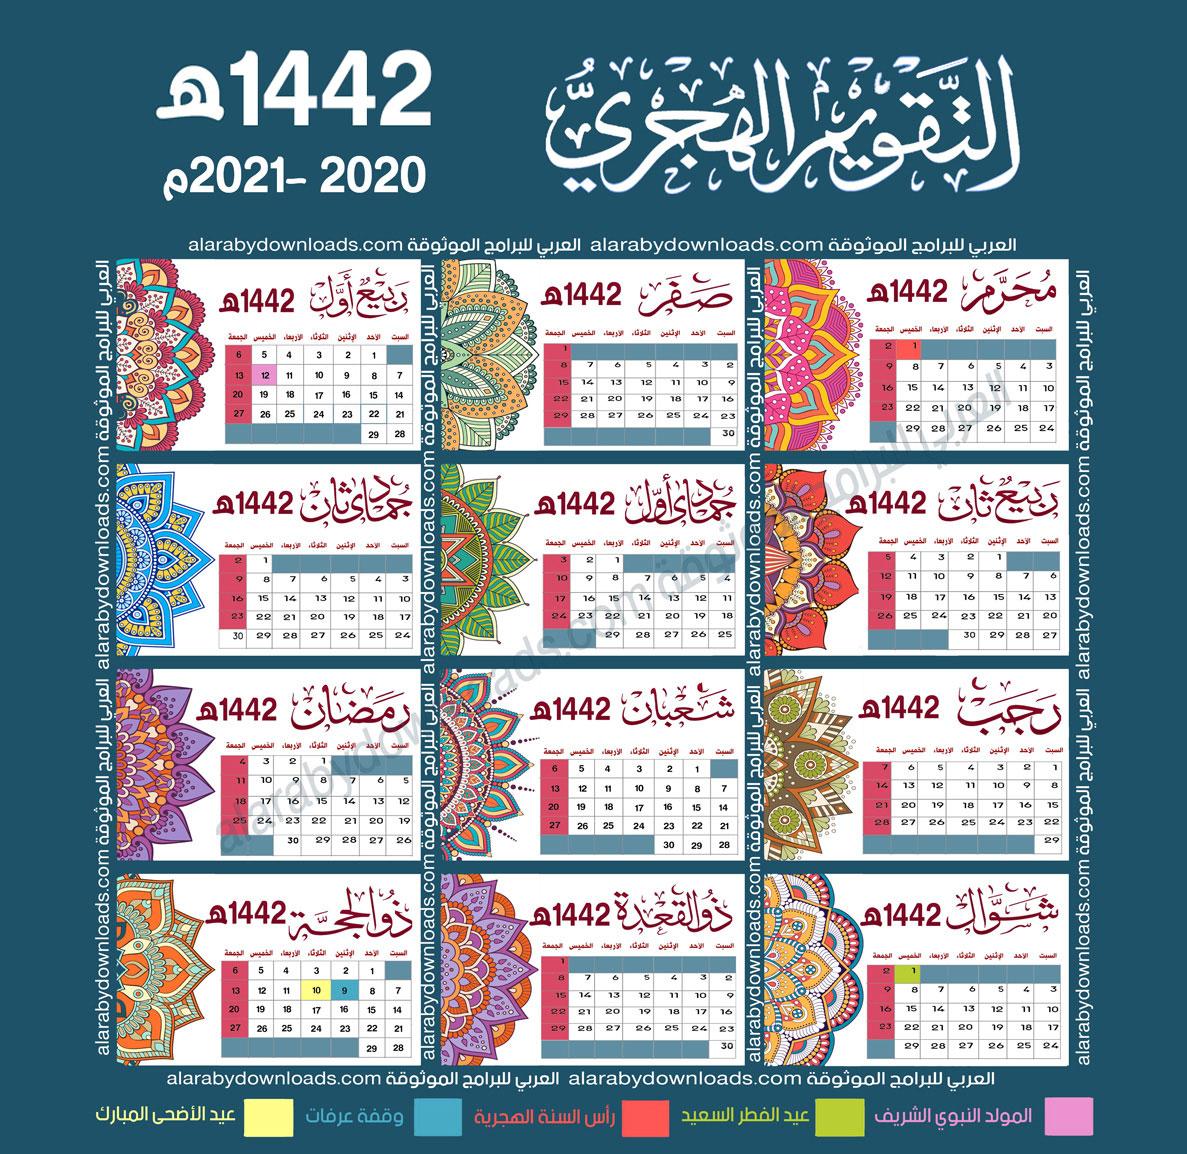 تحميل التقويم الهجري 1442 التقويم الهجري ١٤٤٢ كامل مع الإجازات PDF للكمبيوتر والجوال